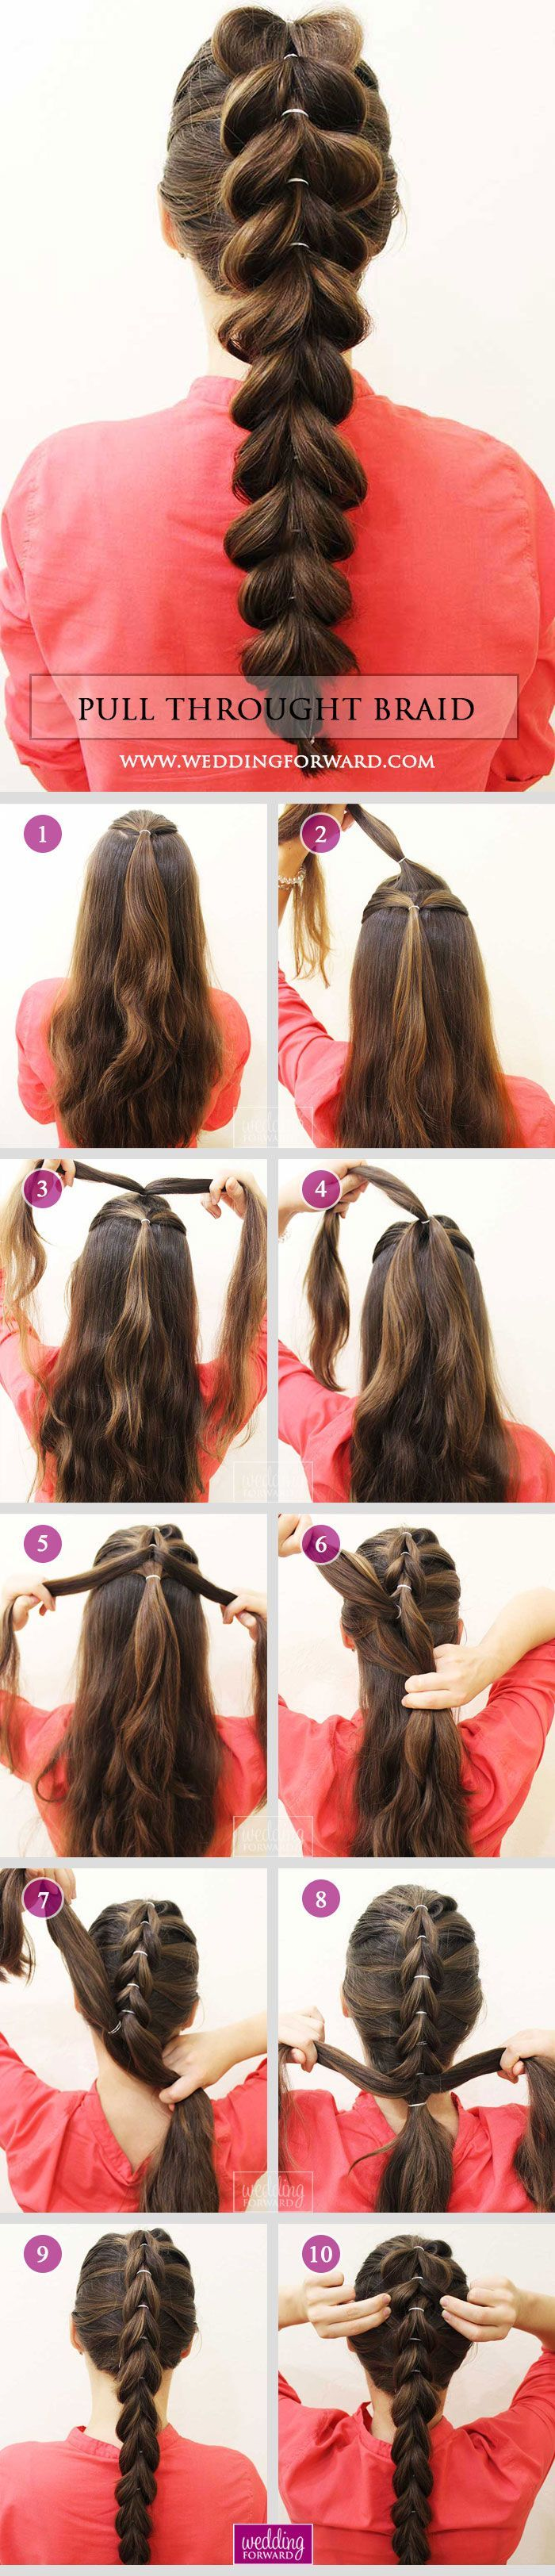 braided wedding hair ideas you will love stylish pull